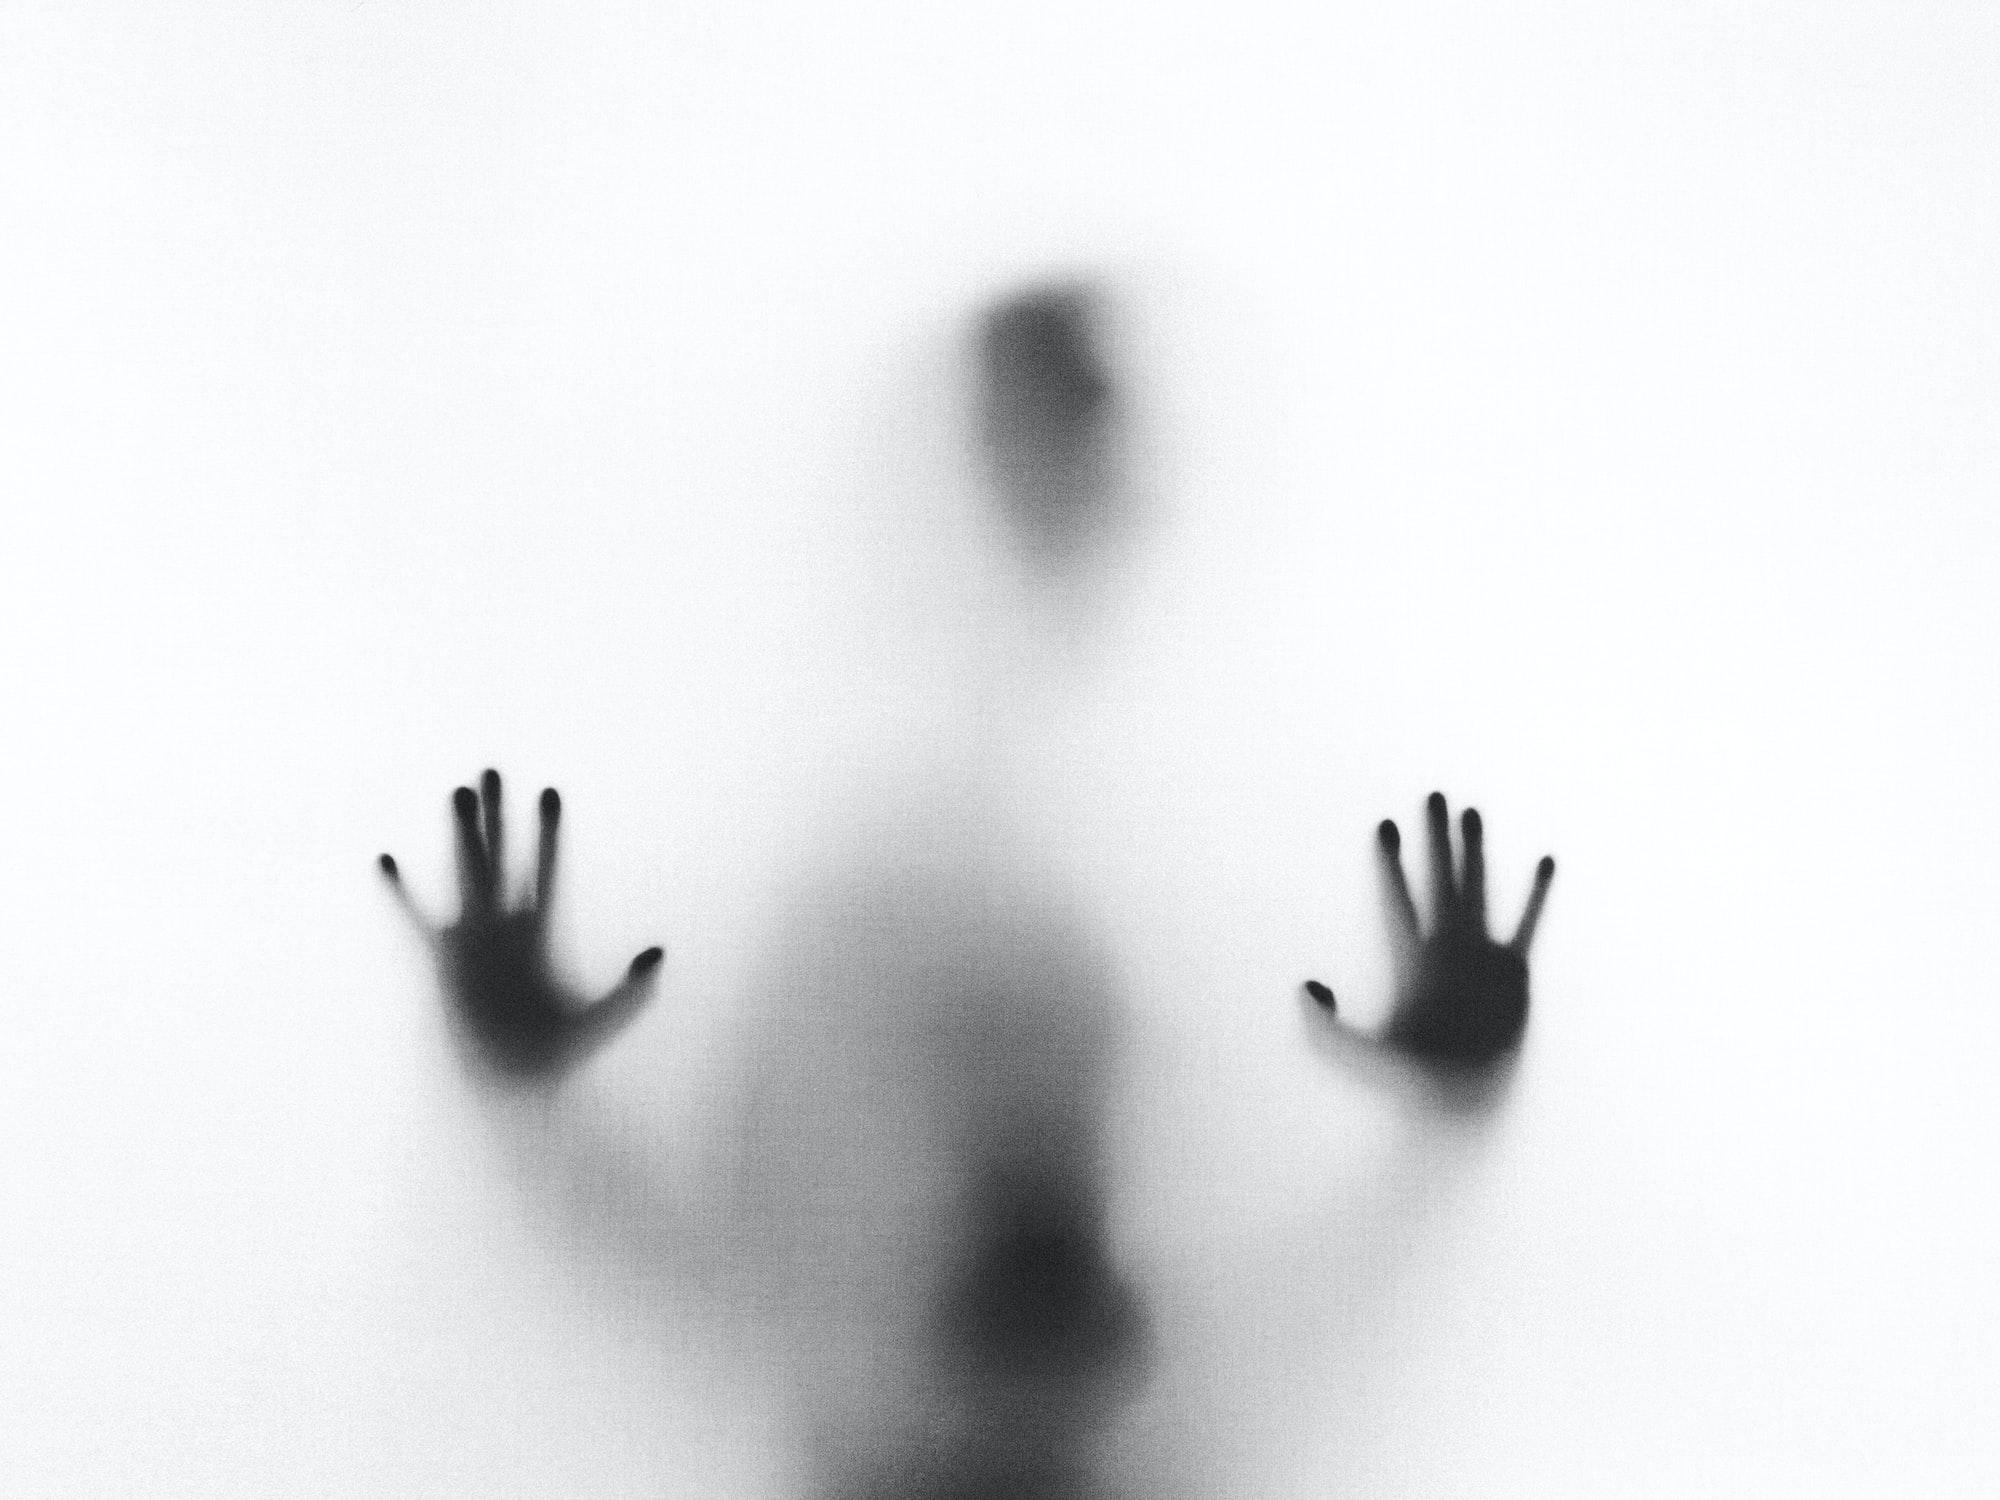 Ghost's DevOps Experience is Ghosting Me